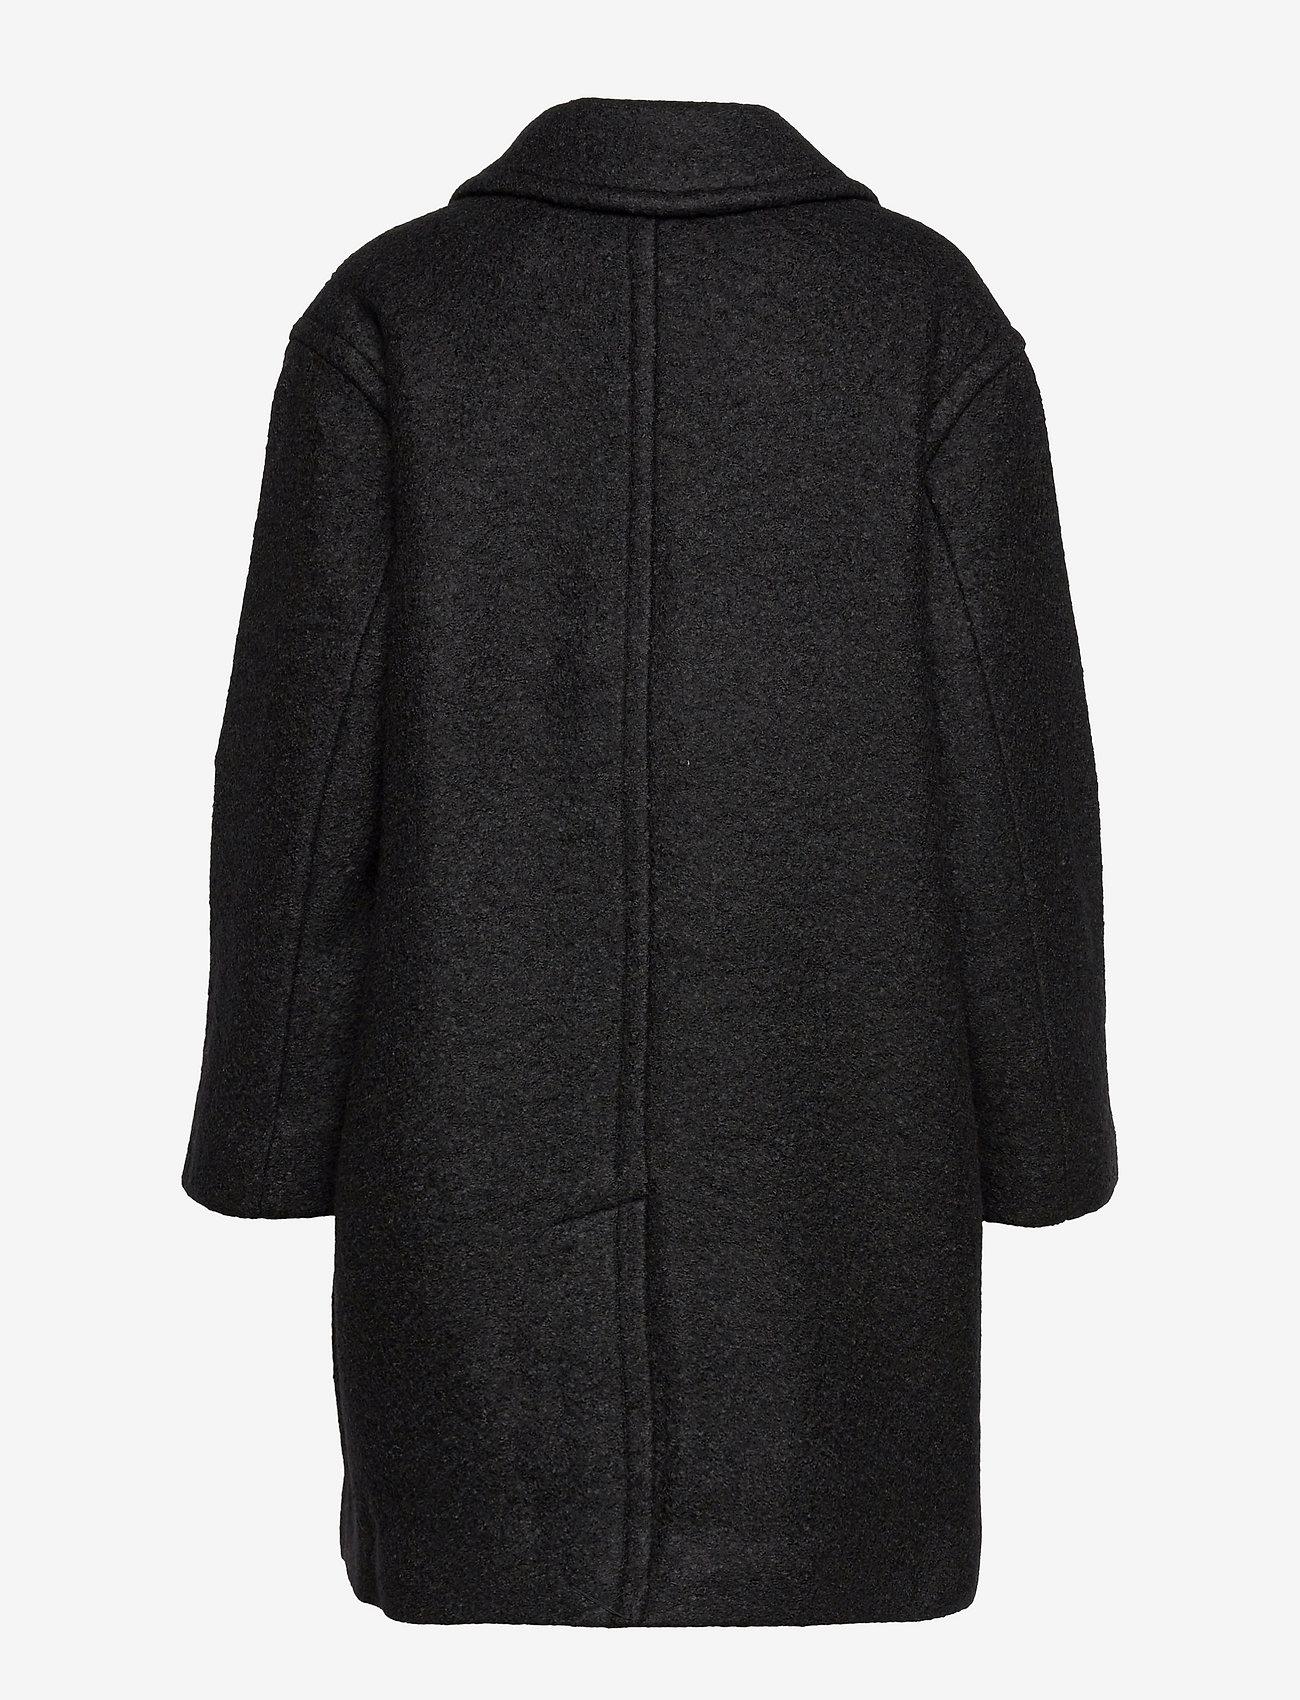 Marimekko - SAMOILLA COAT - vinterfrakker - black - 1